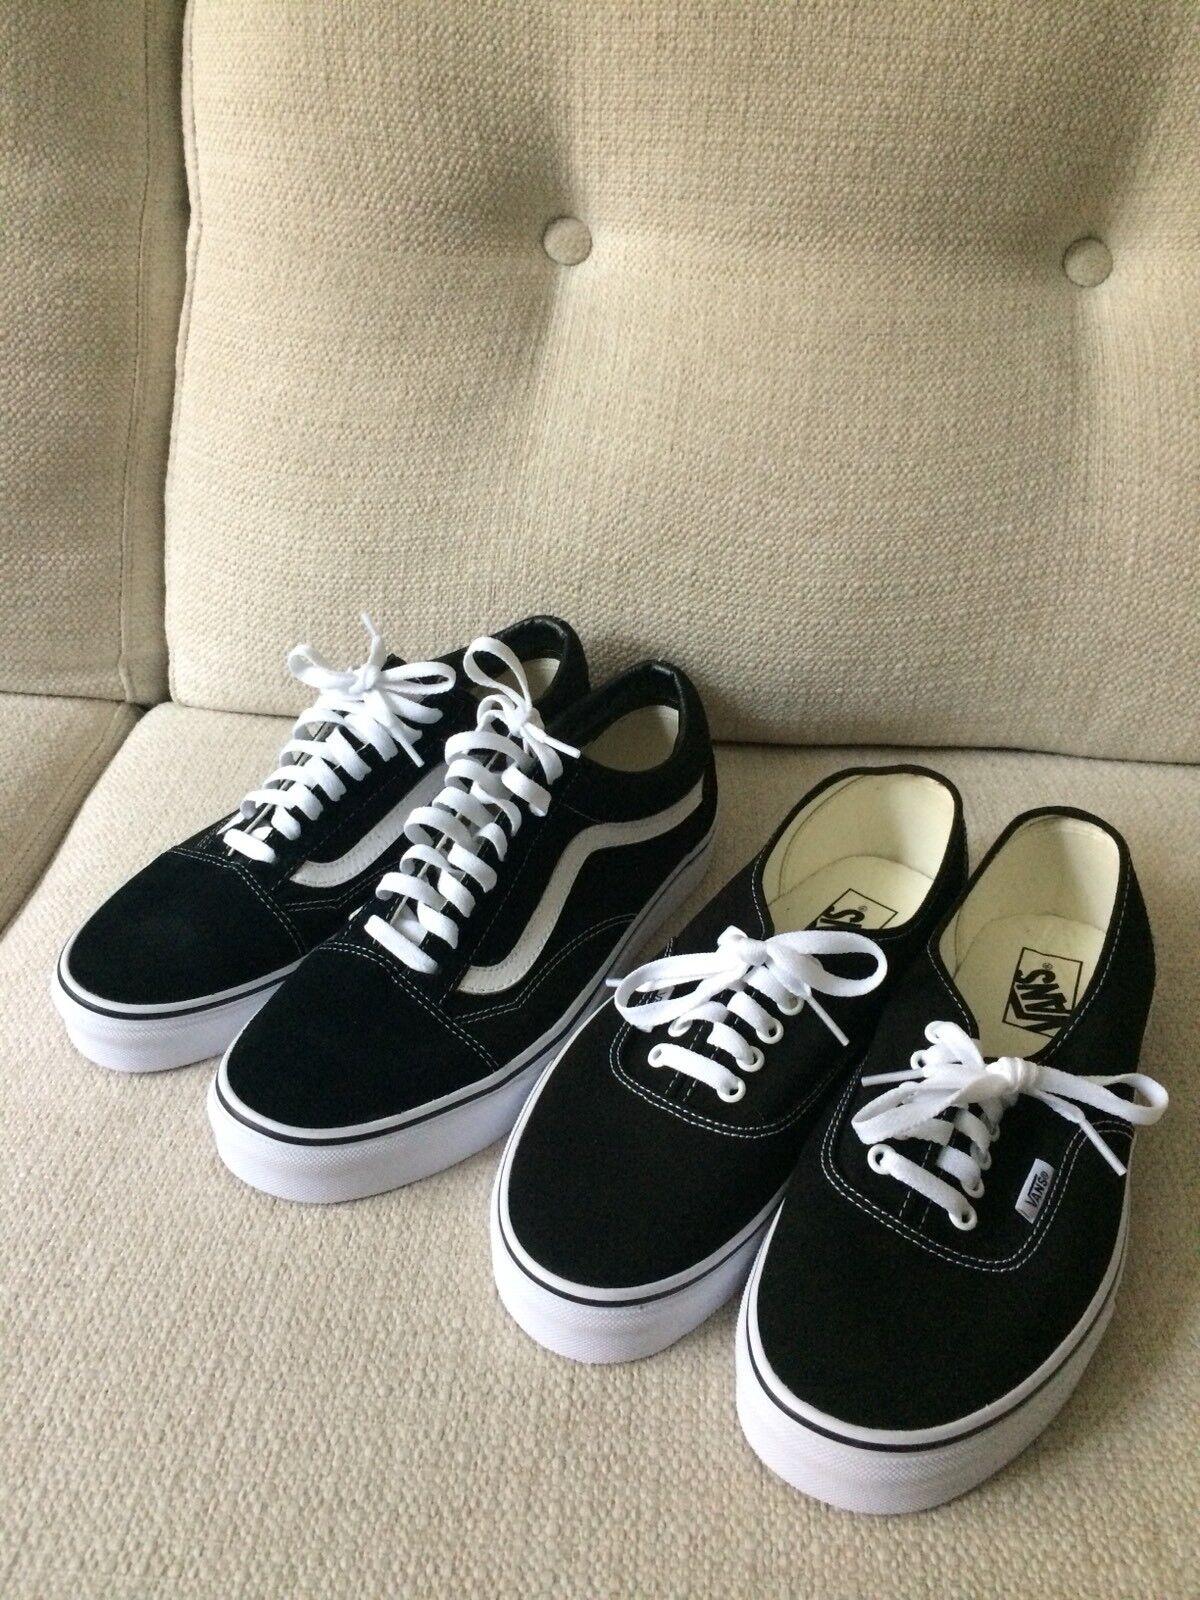 Vans Old Size Skool and Regular Skateboarding shoes   Size Old 9 Uomo 10.5 Donna Unisex b4da17